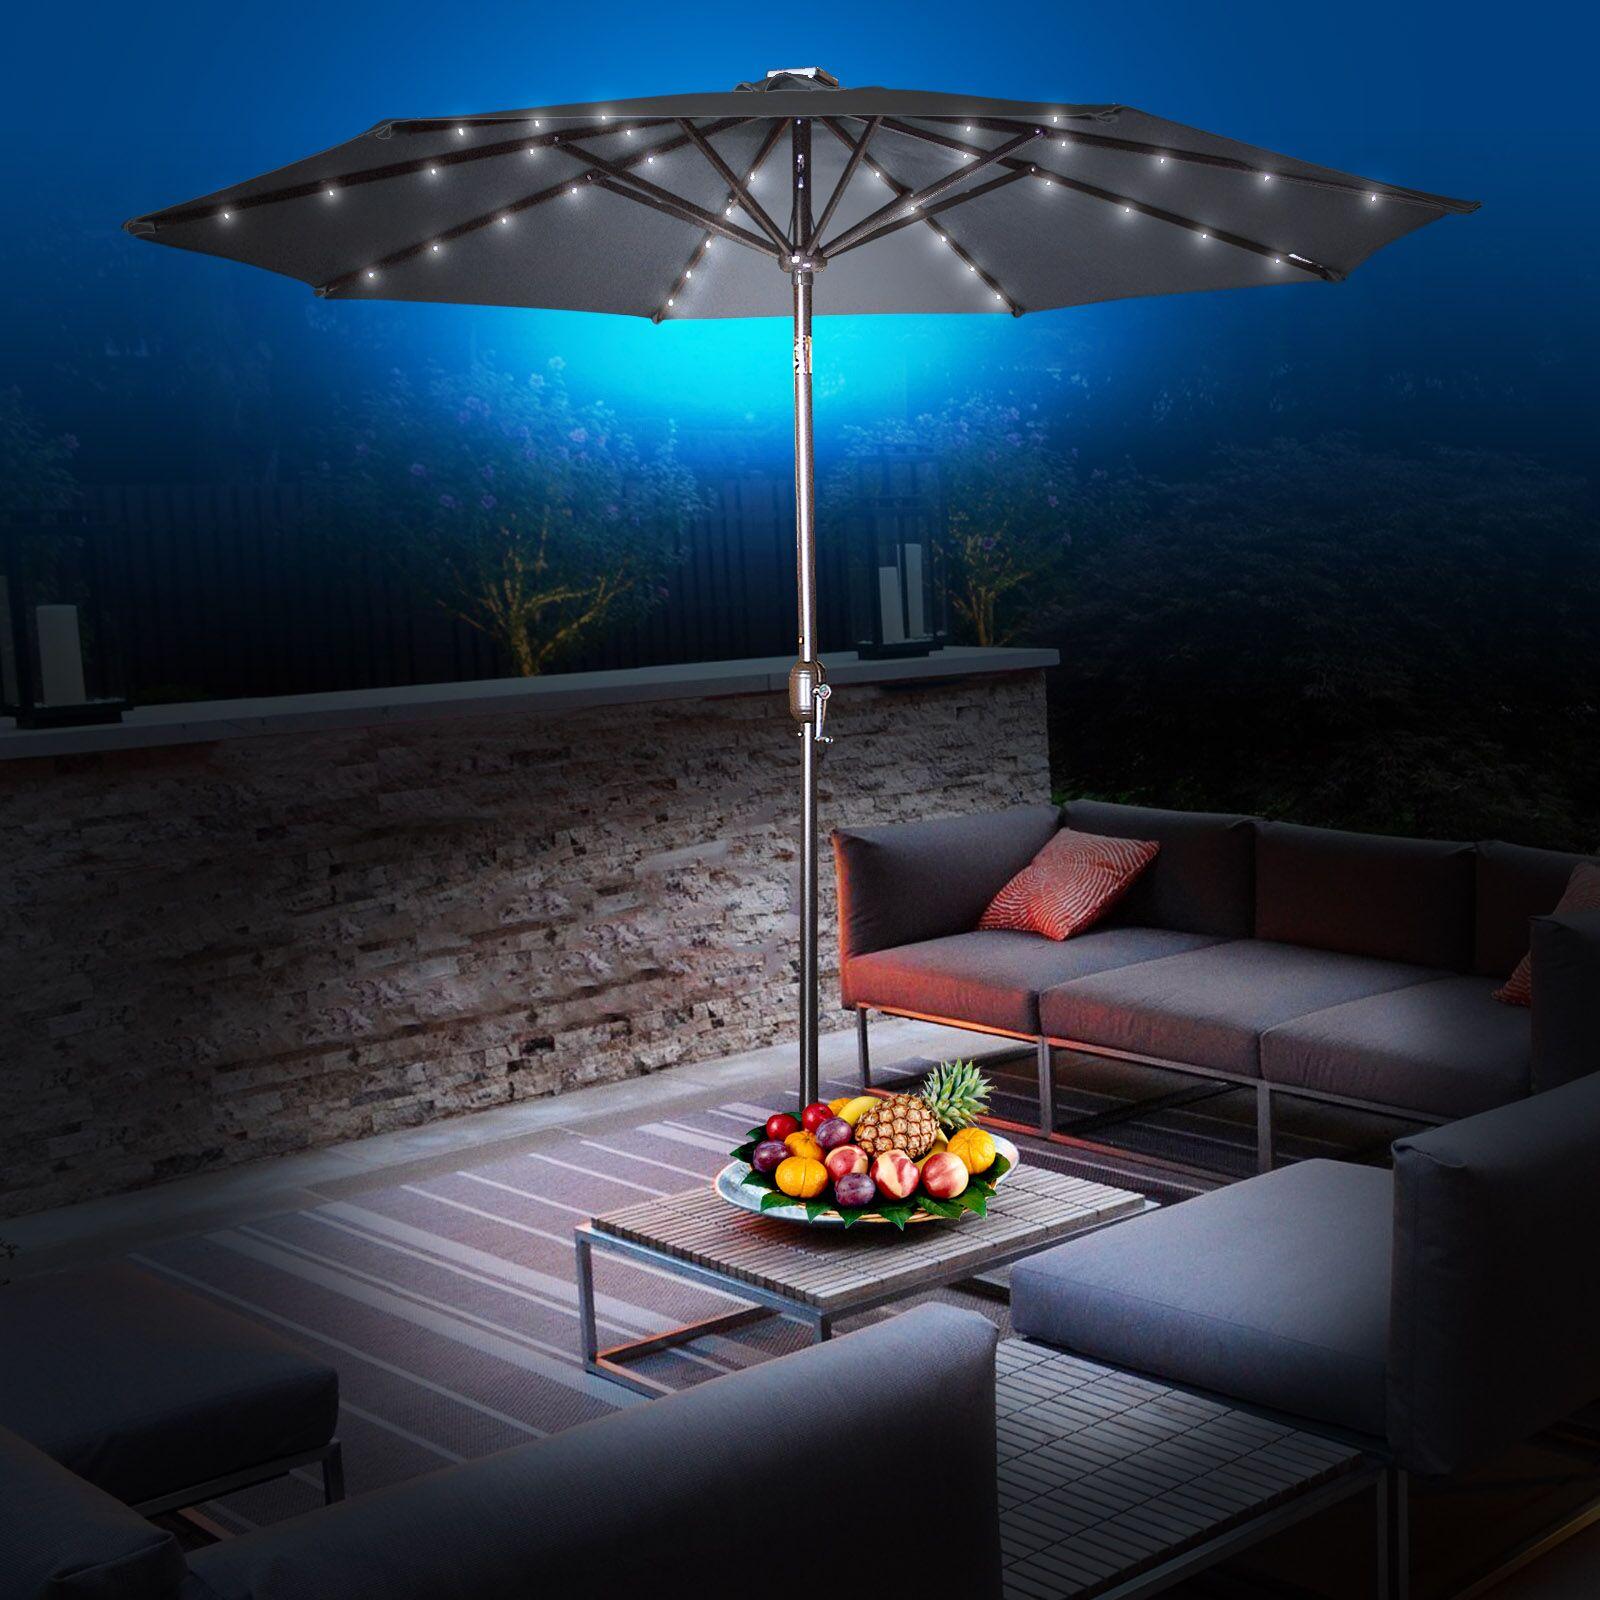 Abia 9' Lighted Umbrella Color: Black